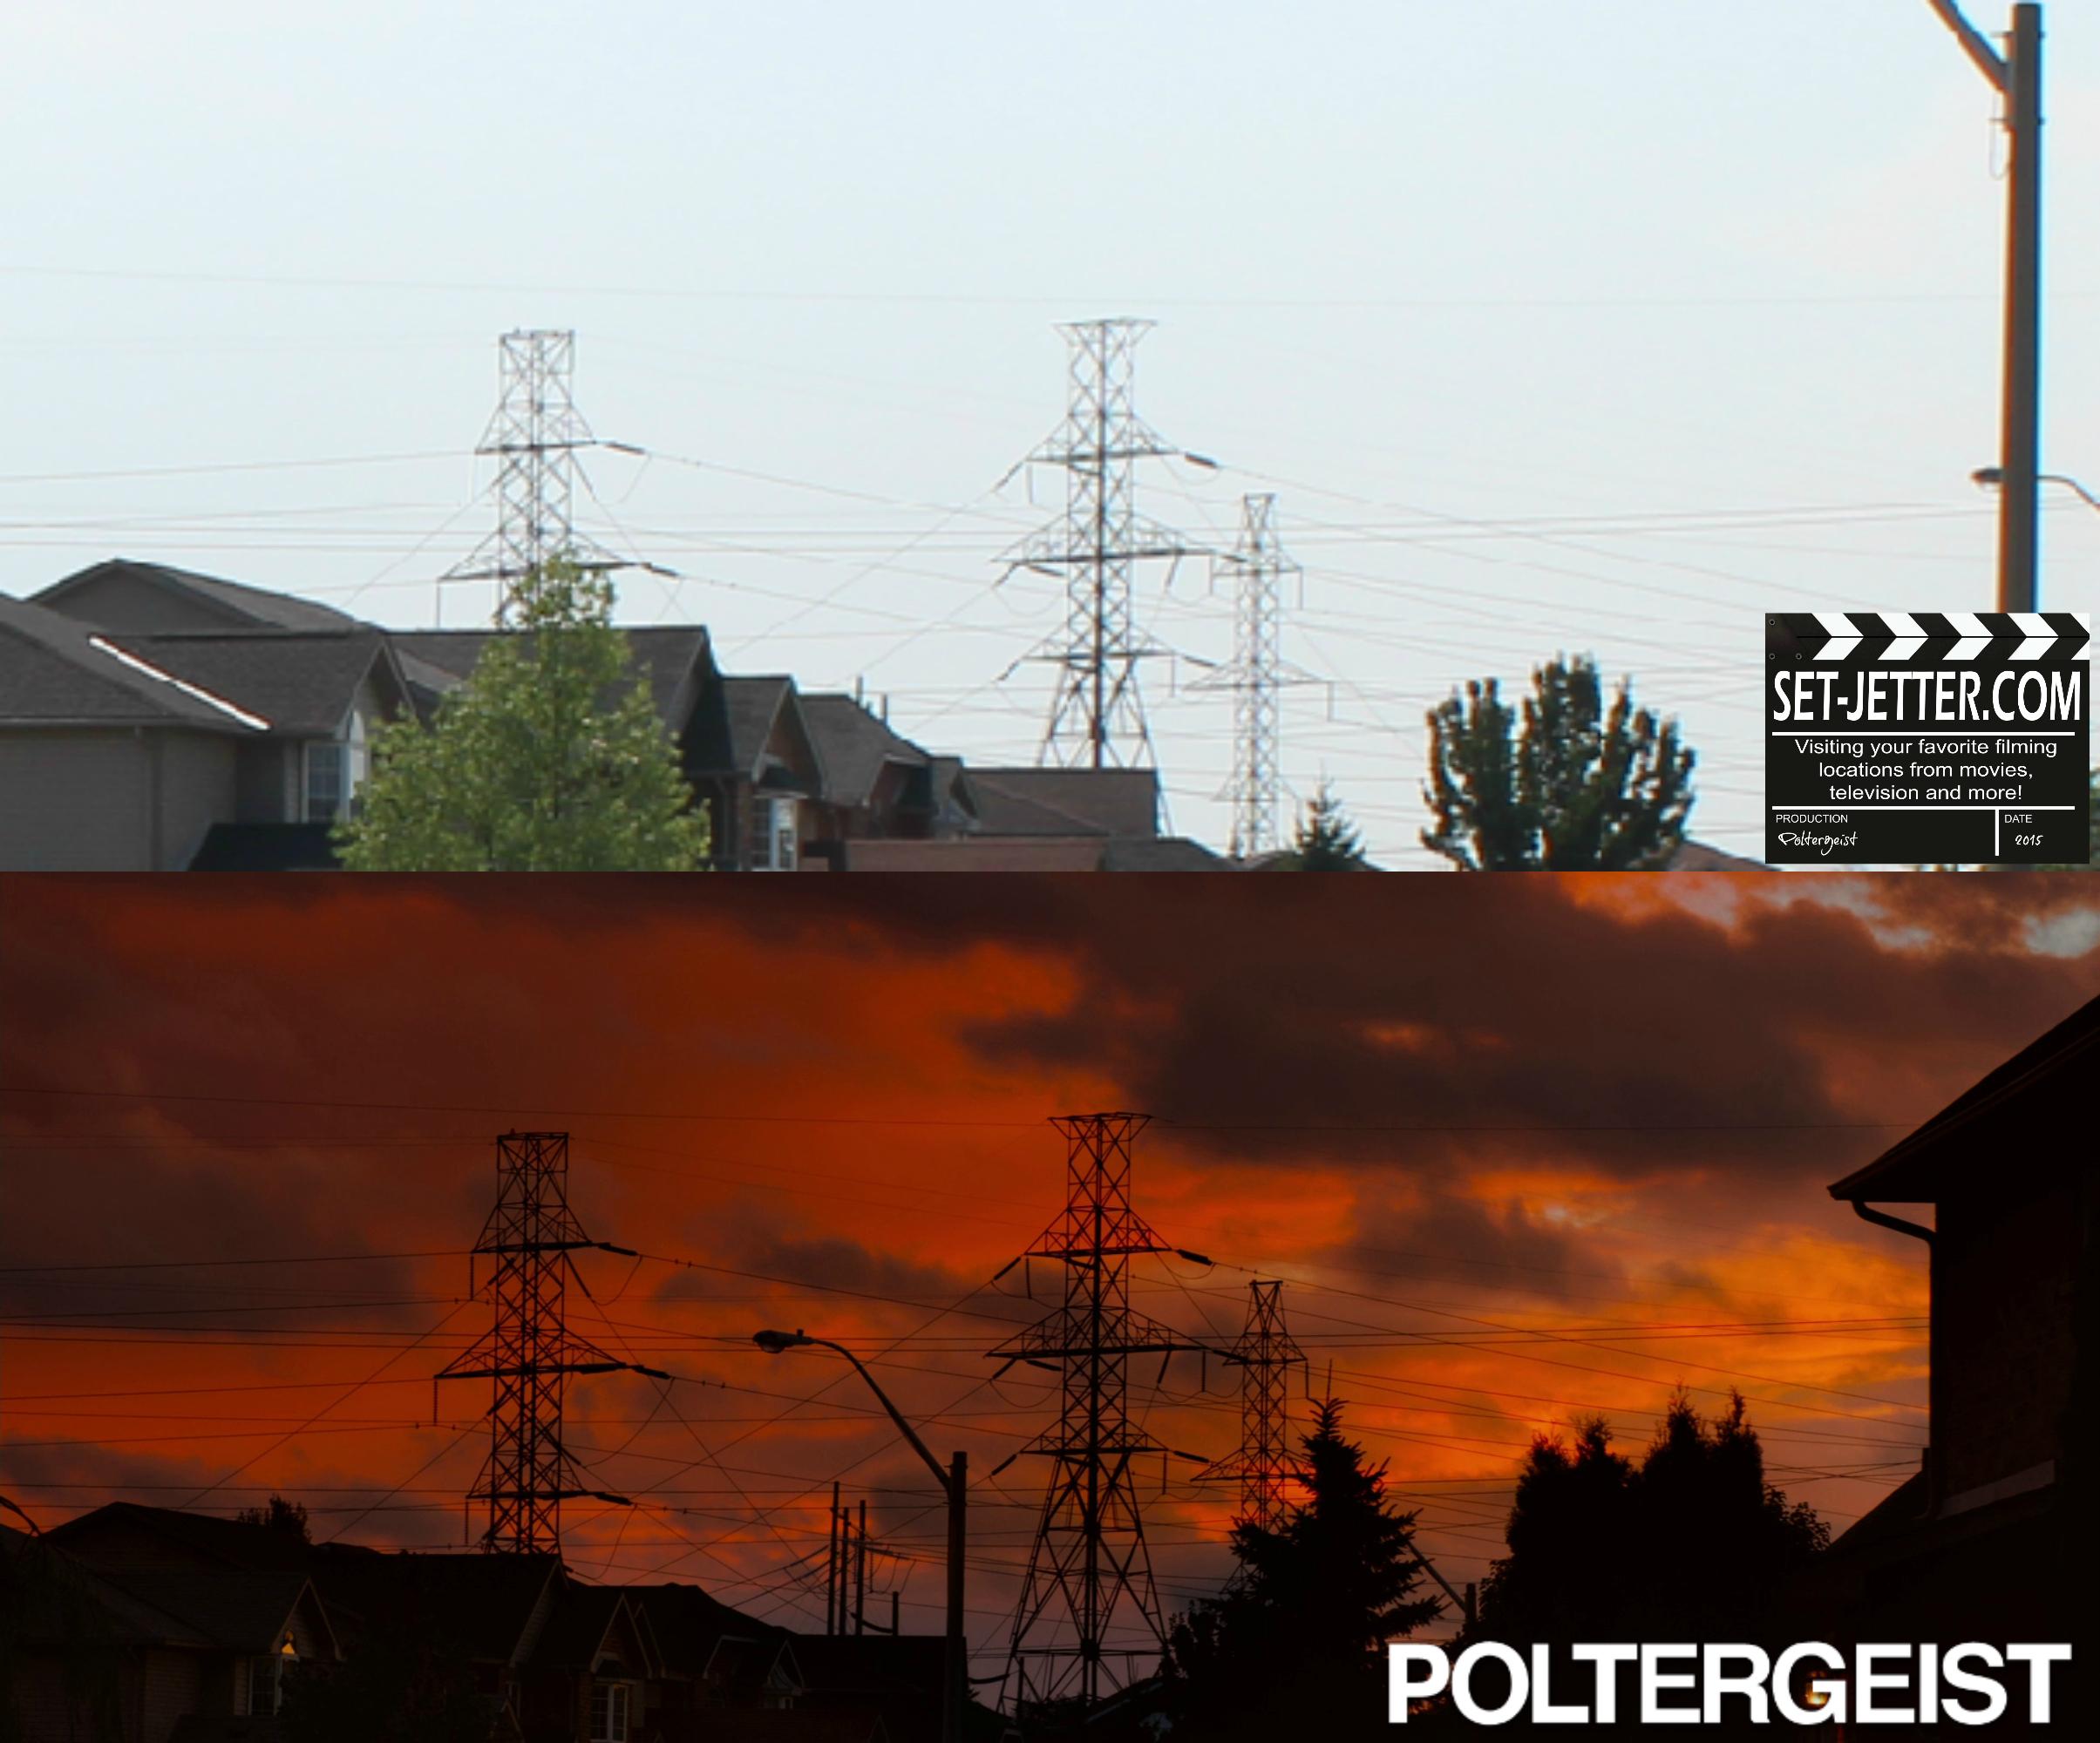 Poltergeist comparison 72.jpg